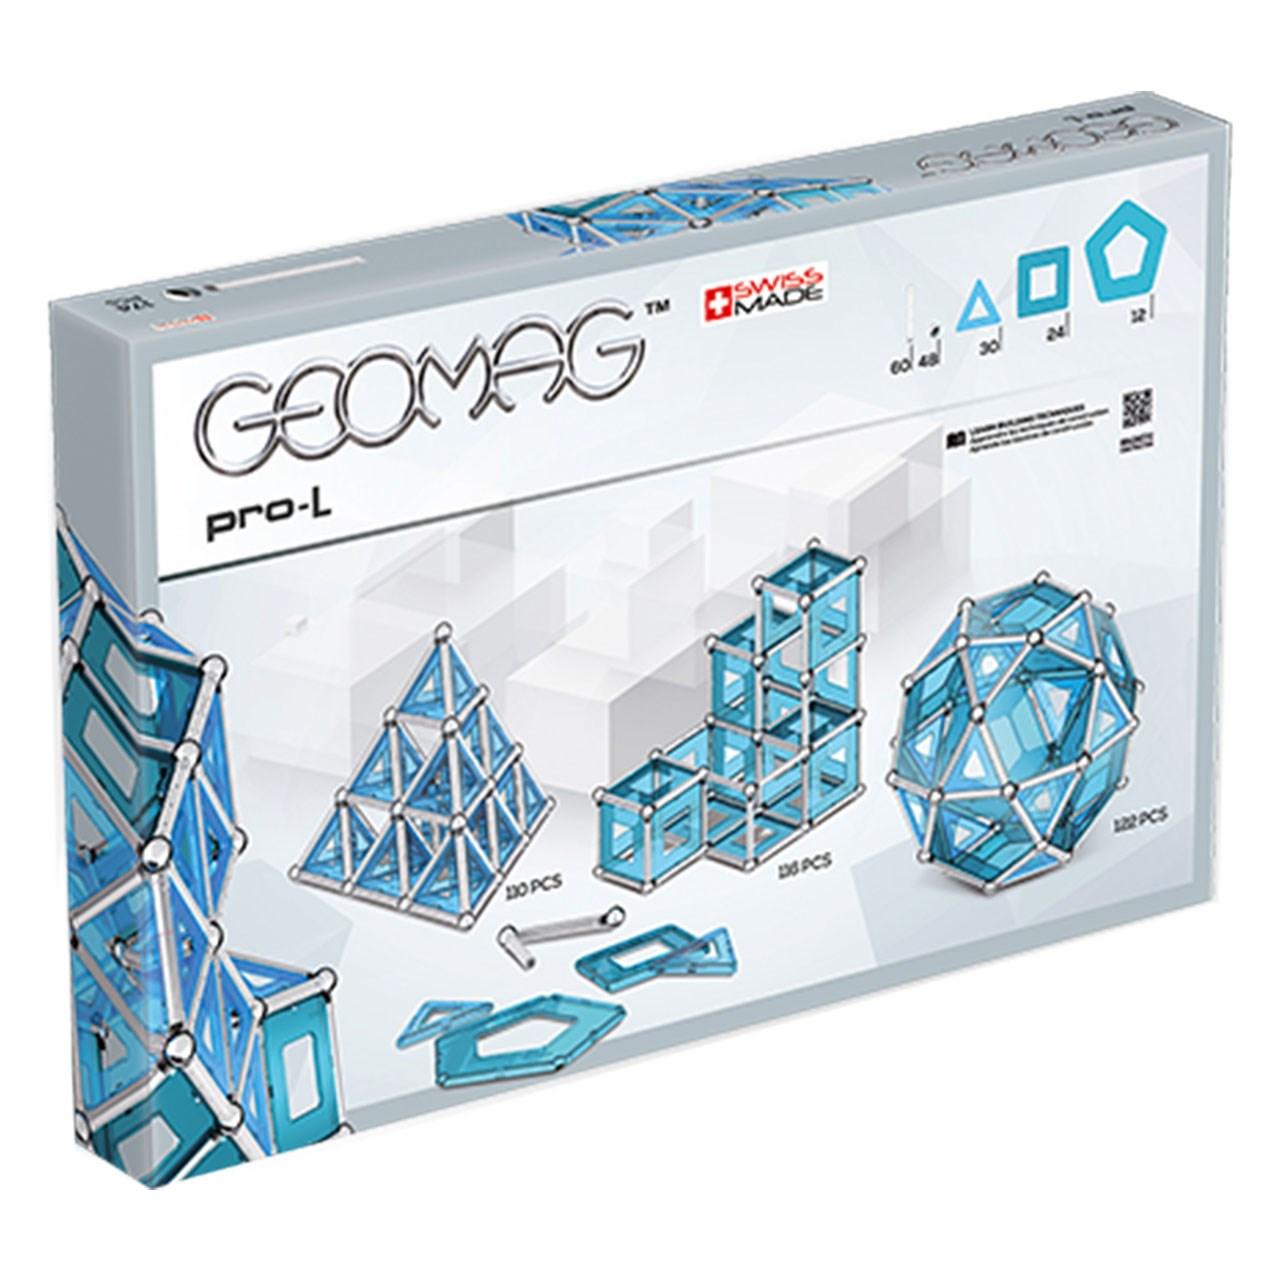 مدلسازی ژیومگ مدل Geomag Pro-L